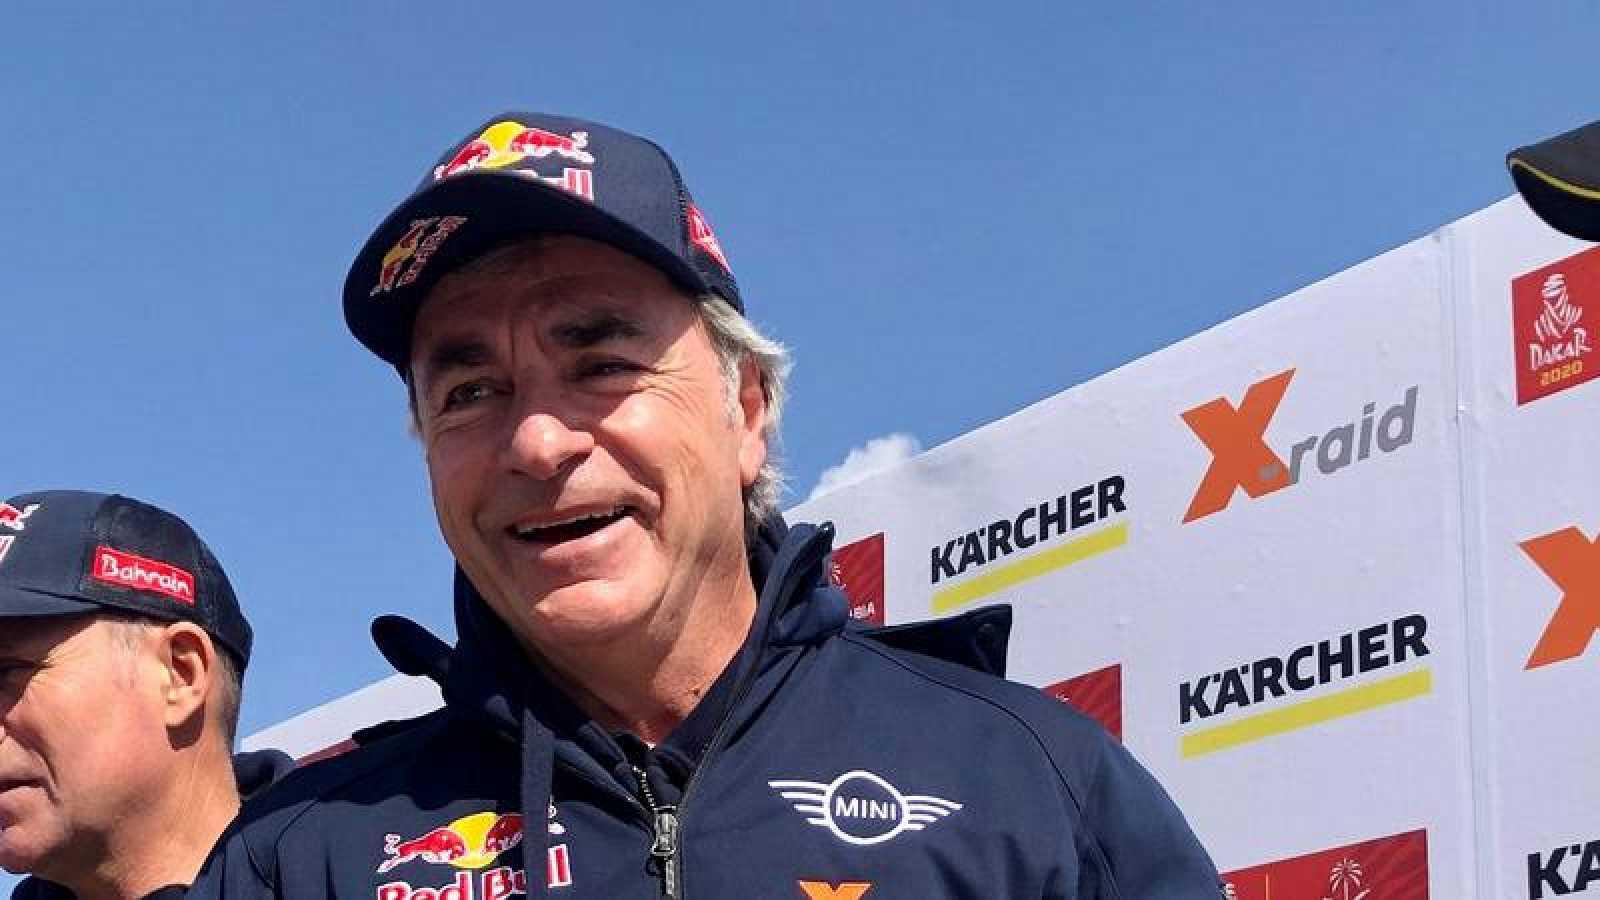 El español Carlos Sainz, durante el rally Dakar 2020 en el campamento de Riad (Arabia Saudí).